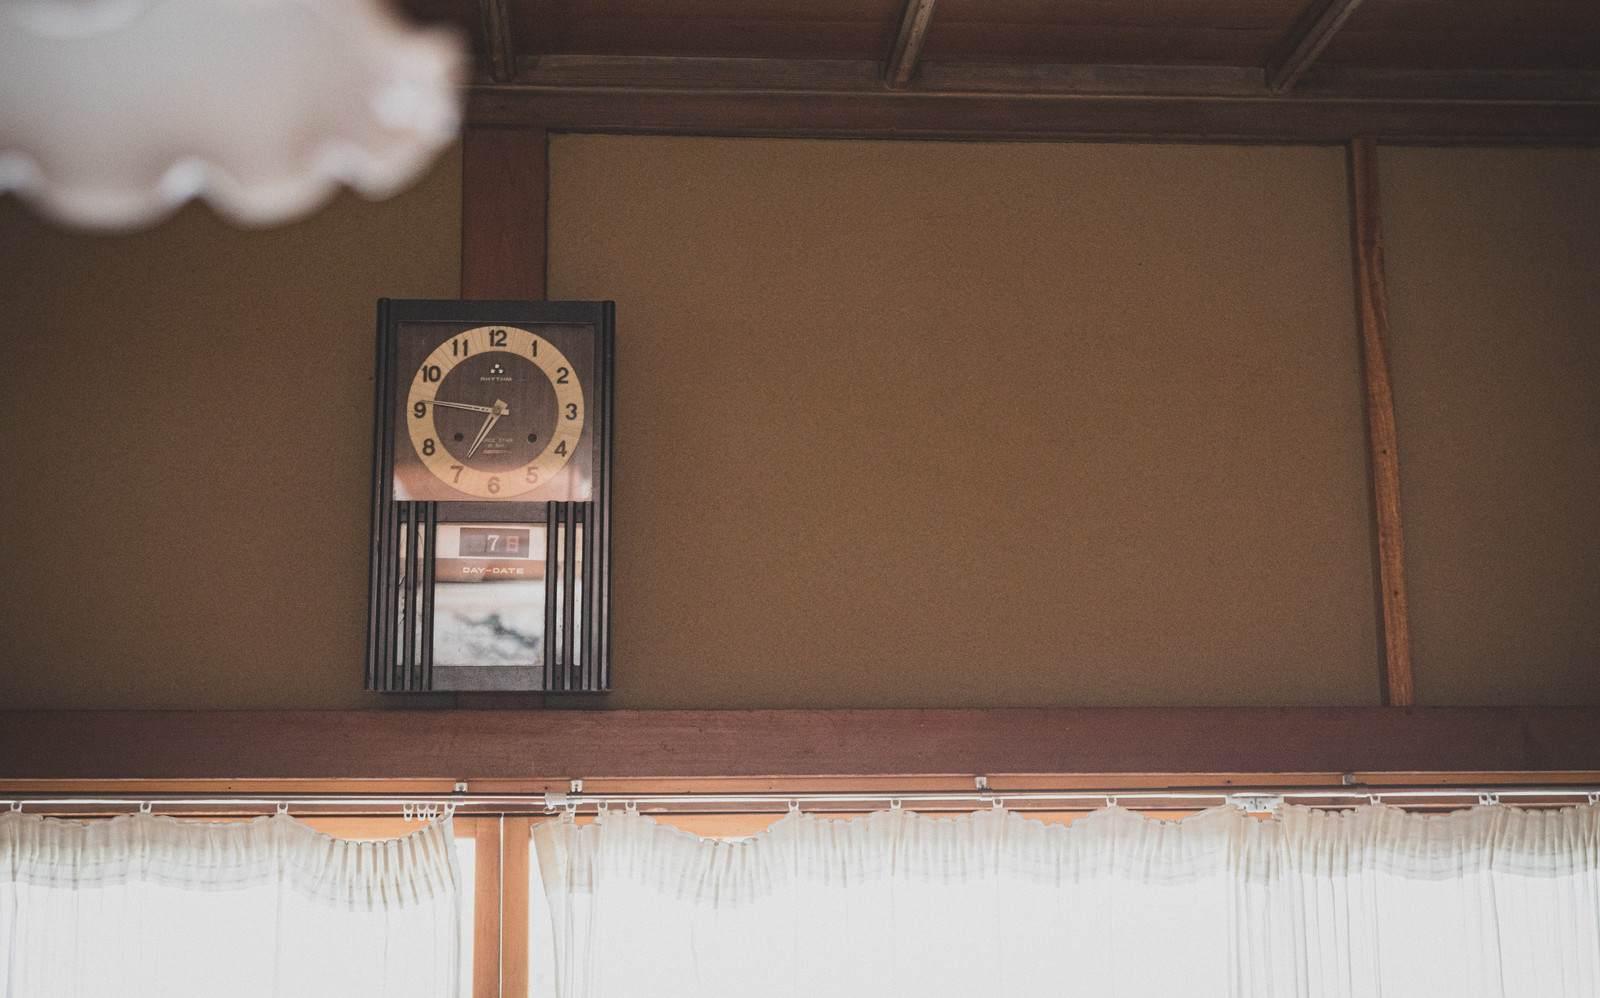 『時間を戻される』など短編3話【時空のおっさんシリーズ】洒落怖名作まとめ